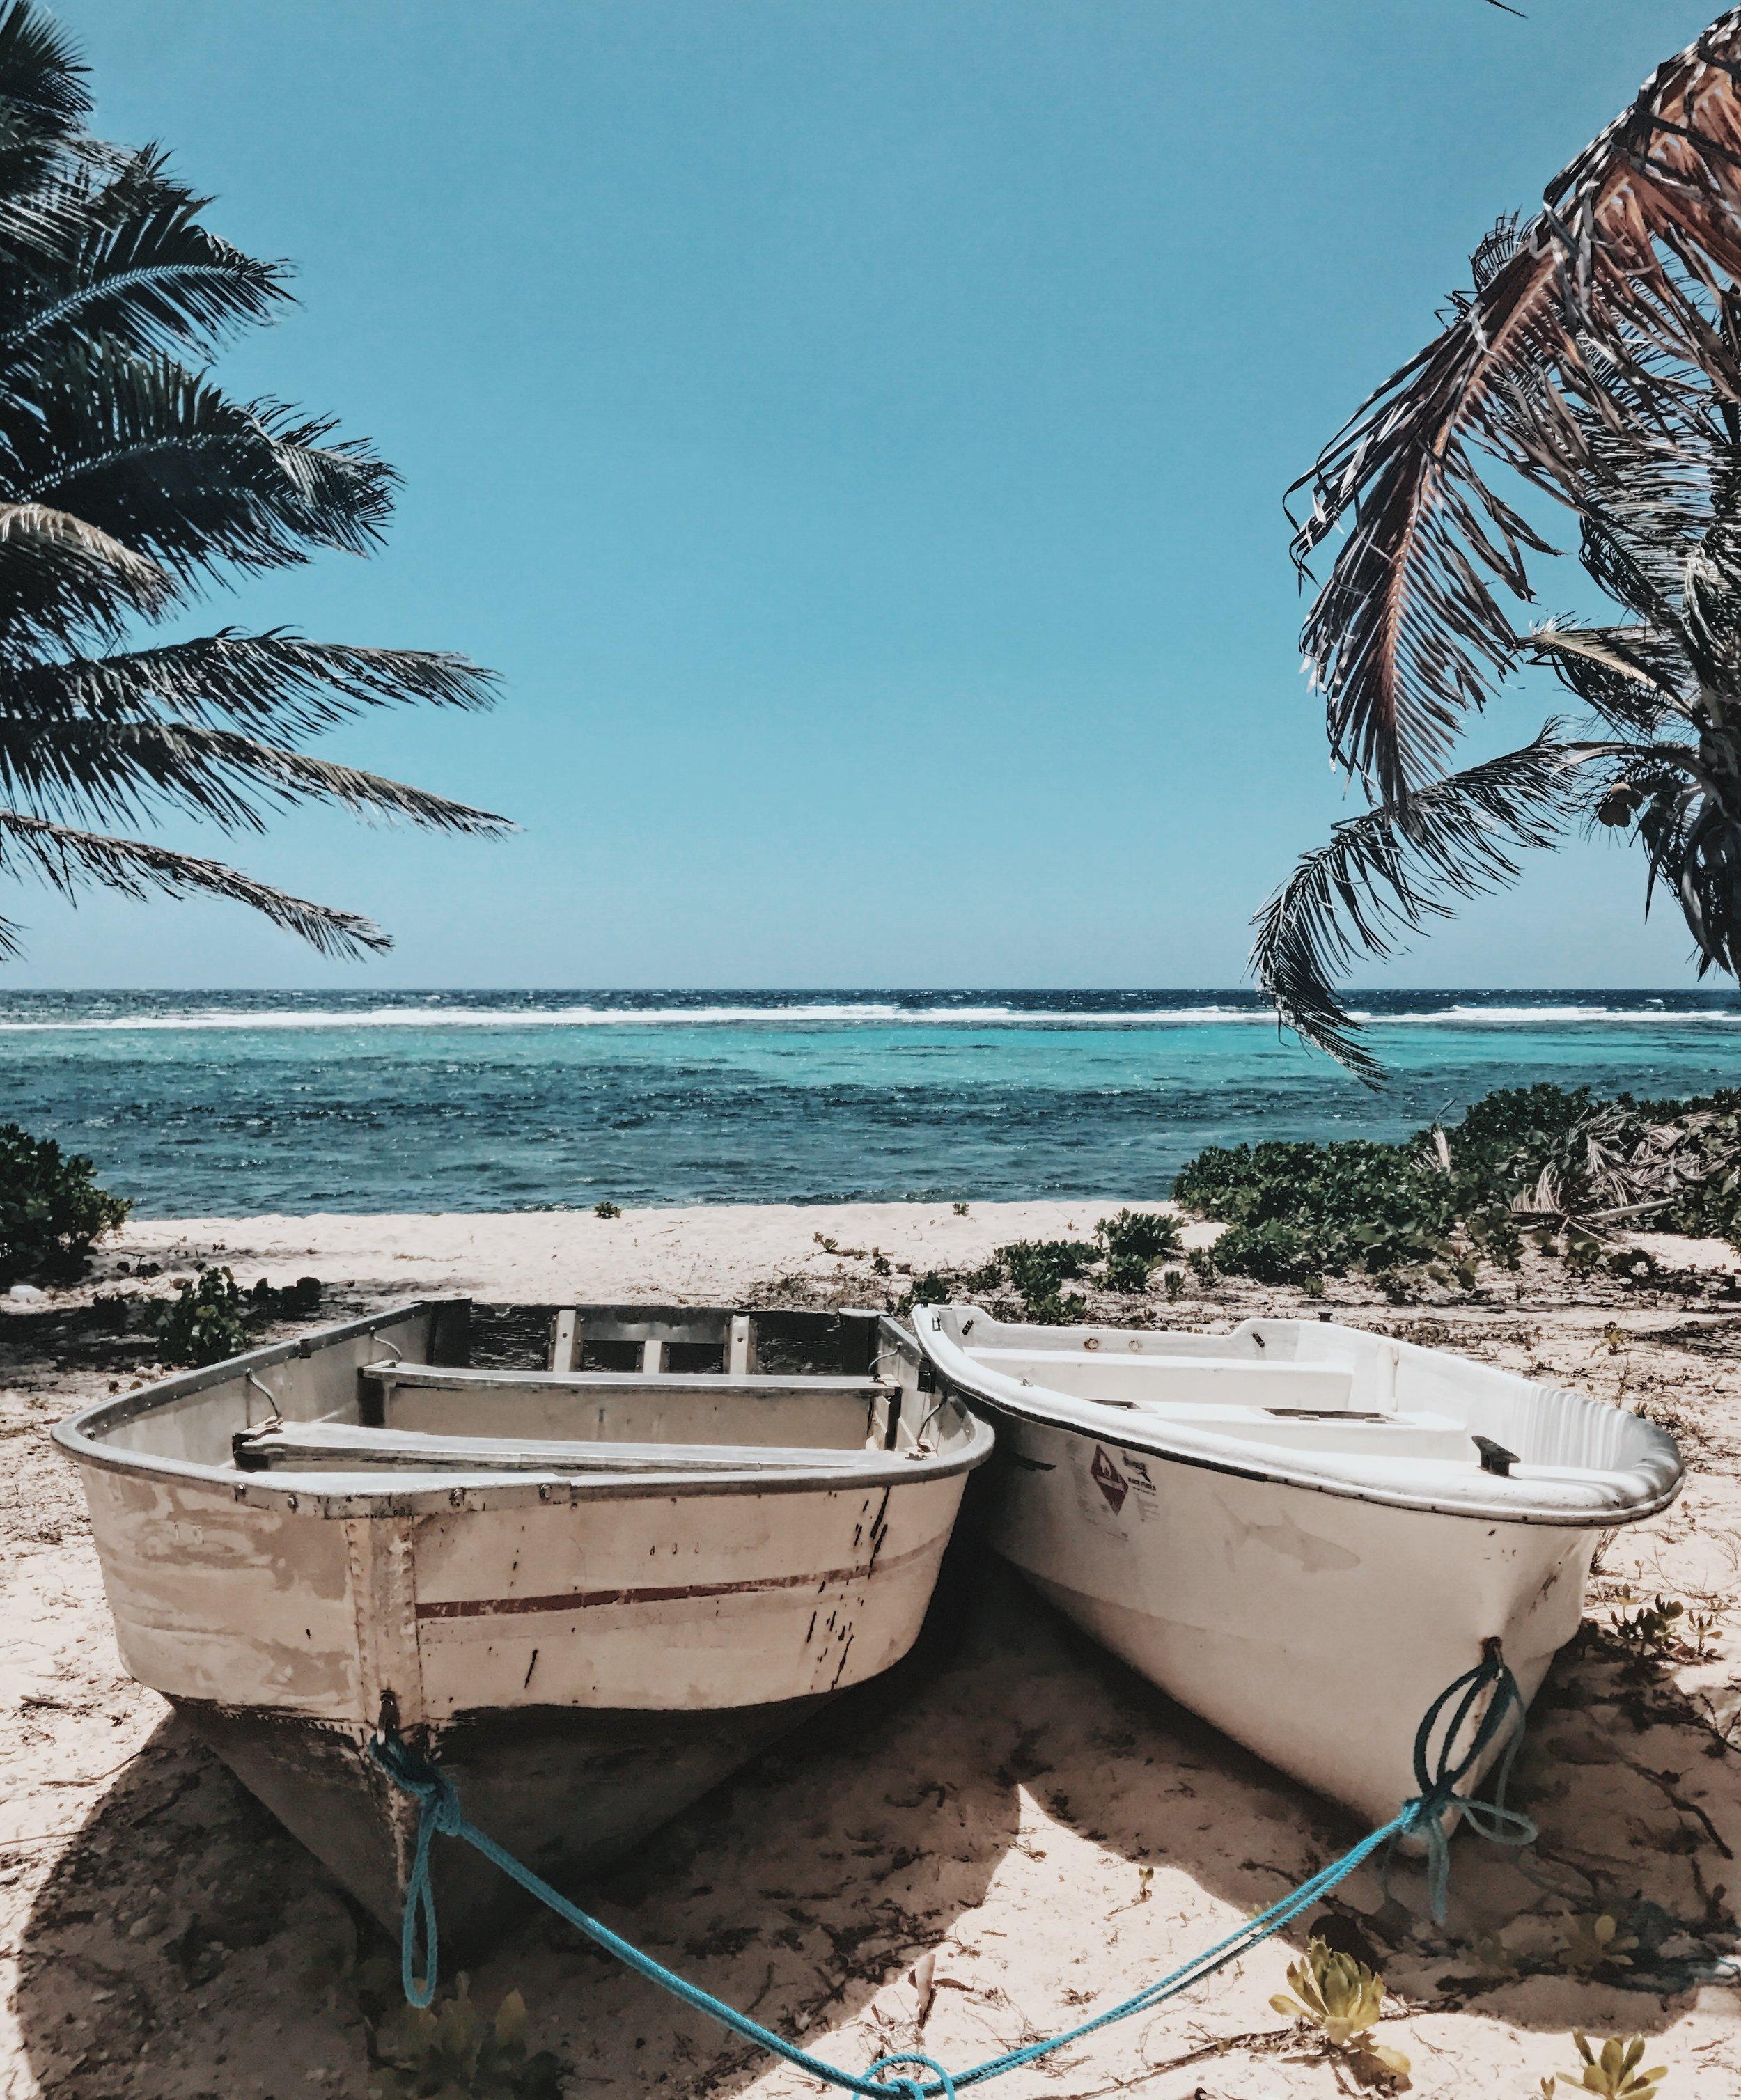 Caribbean_boats